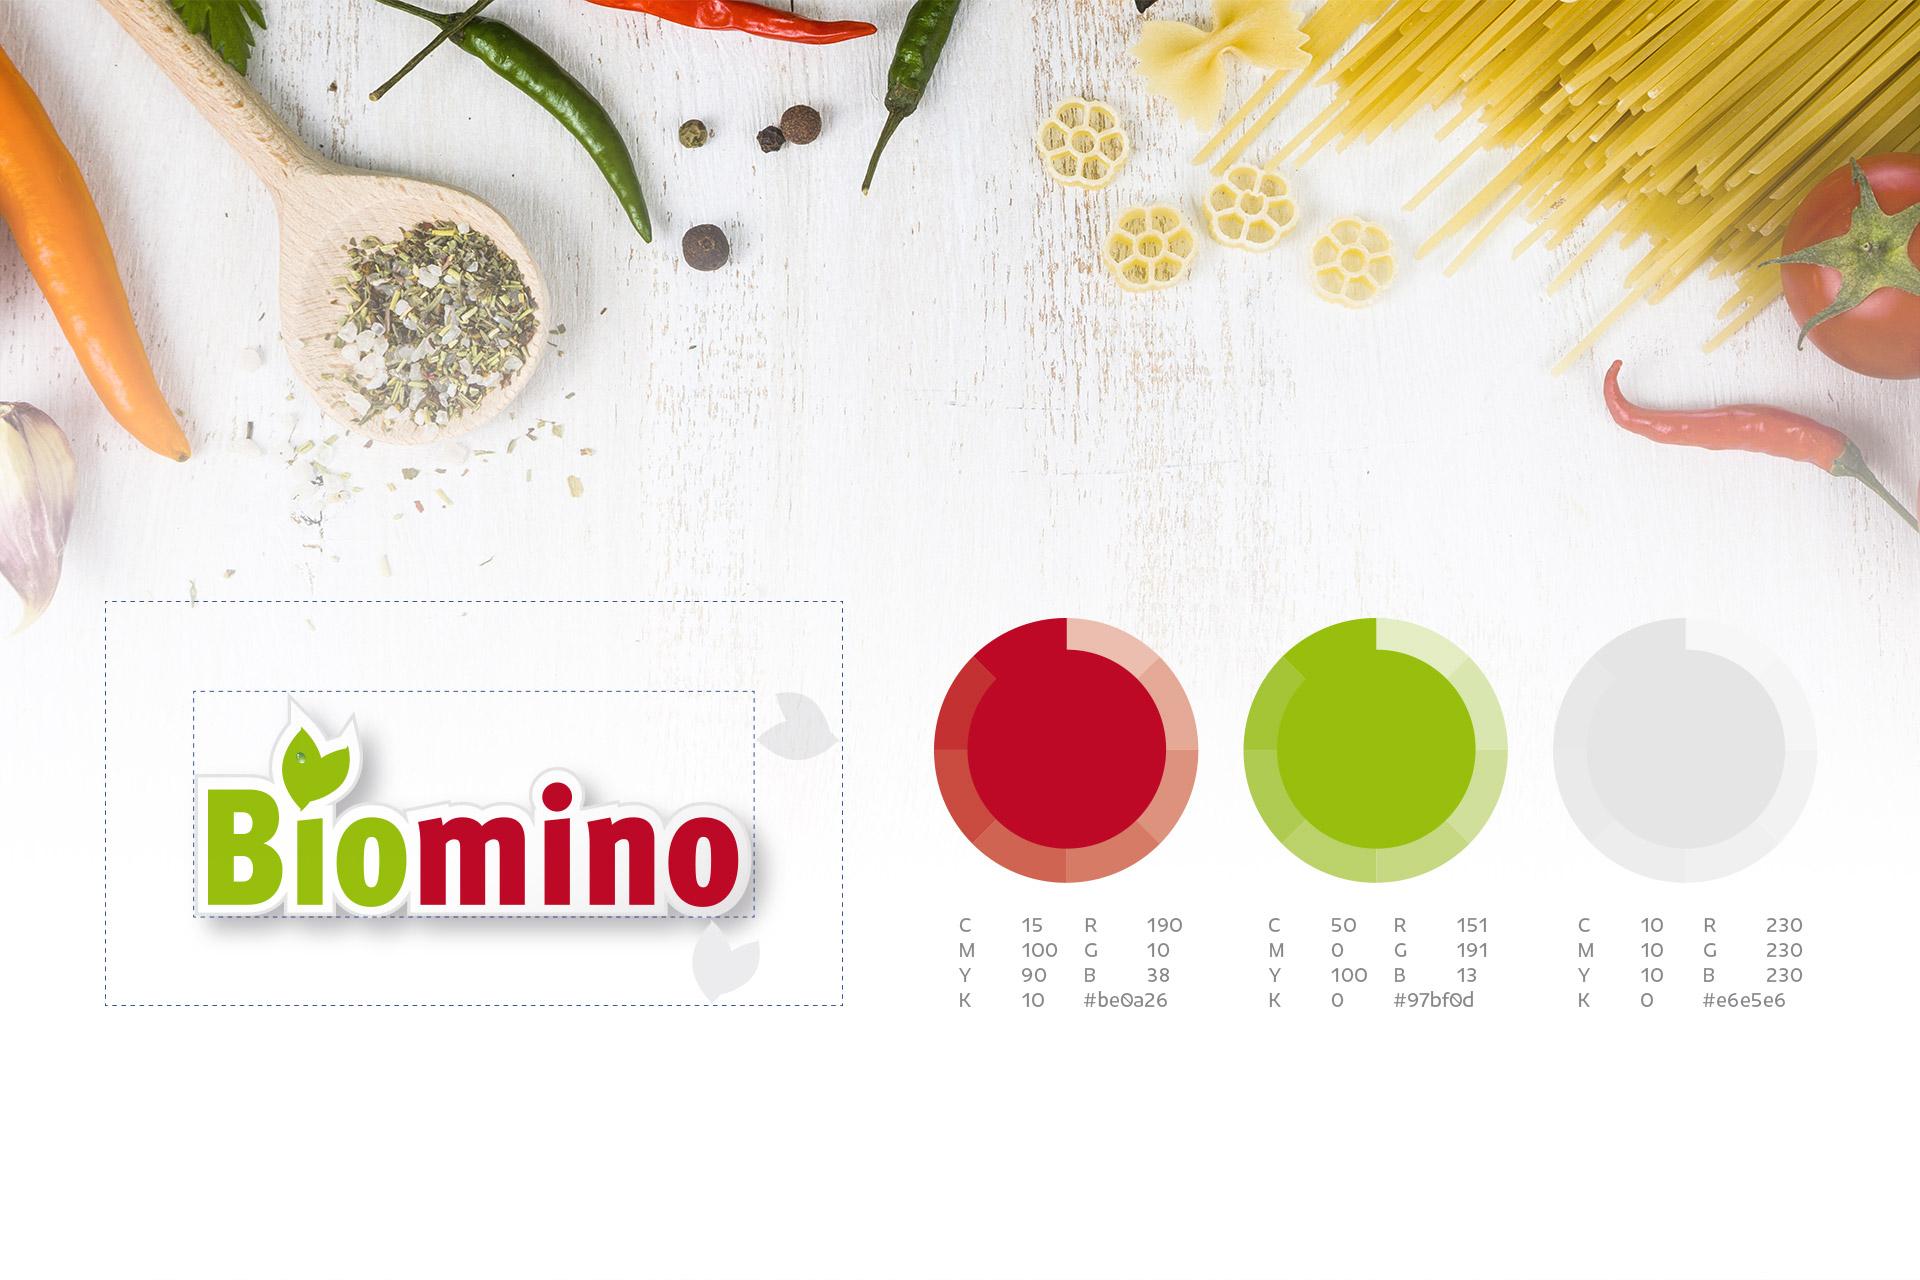 biomino-Marke